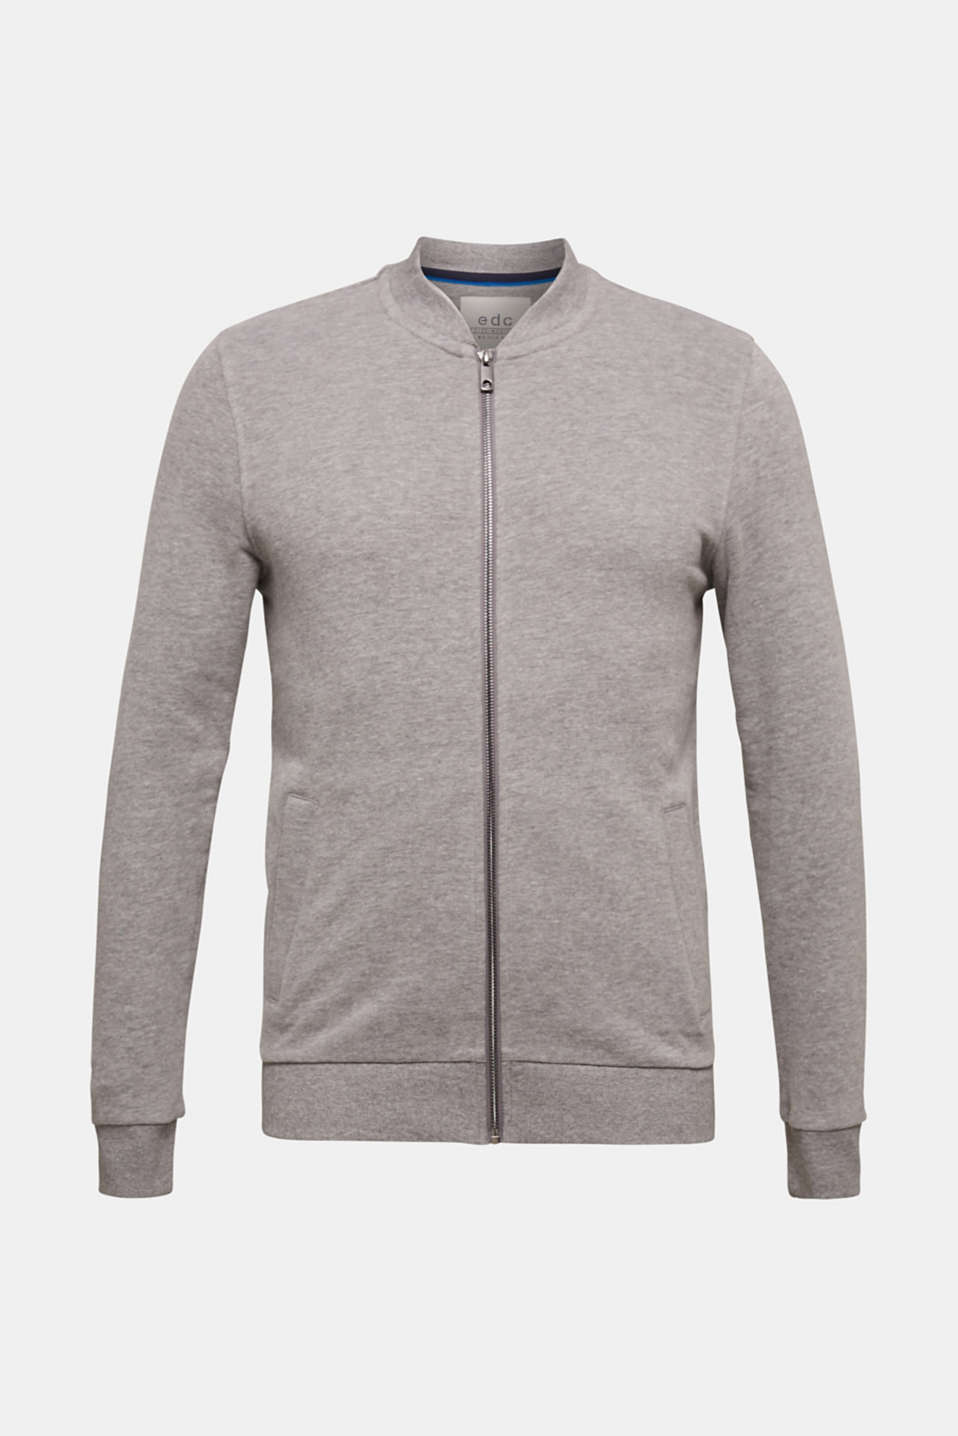 Cotton blend sweatshirt cardigan, MEDIUM GREY 5, detail image number 6